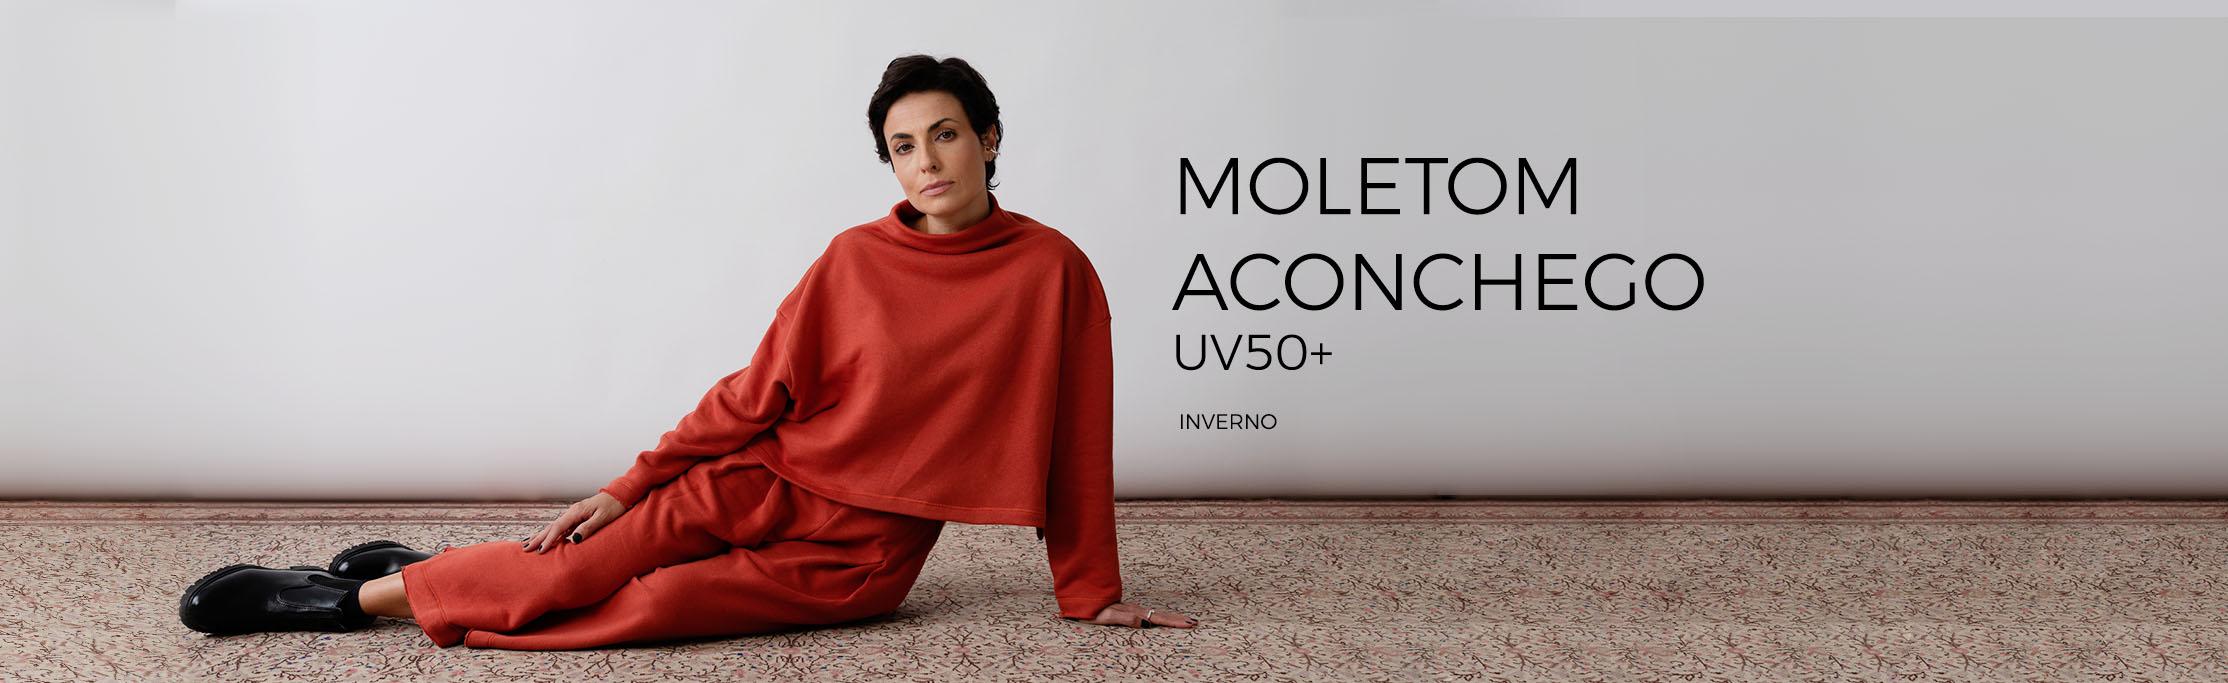 Moletom Aconchego UV50+